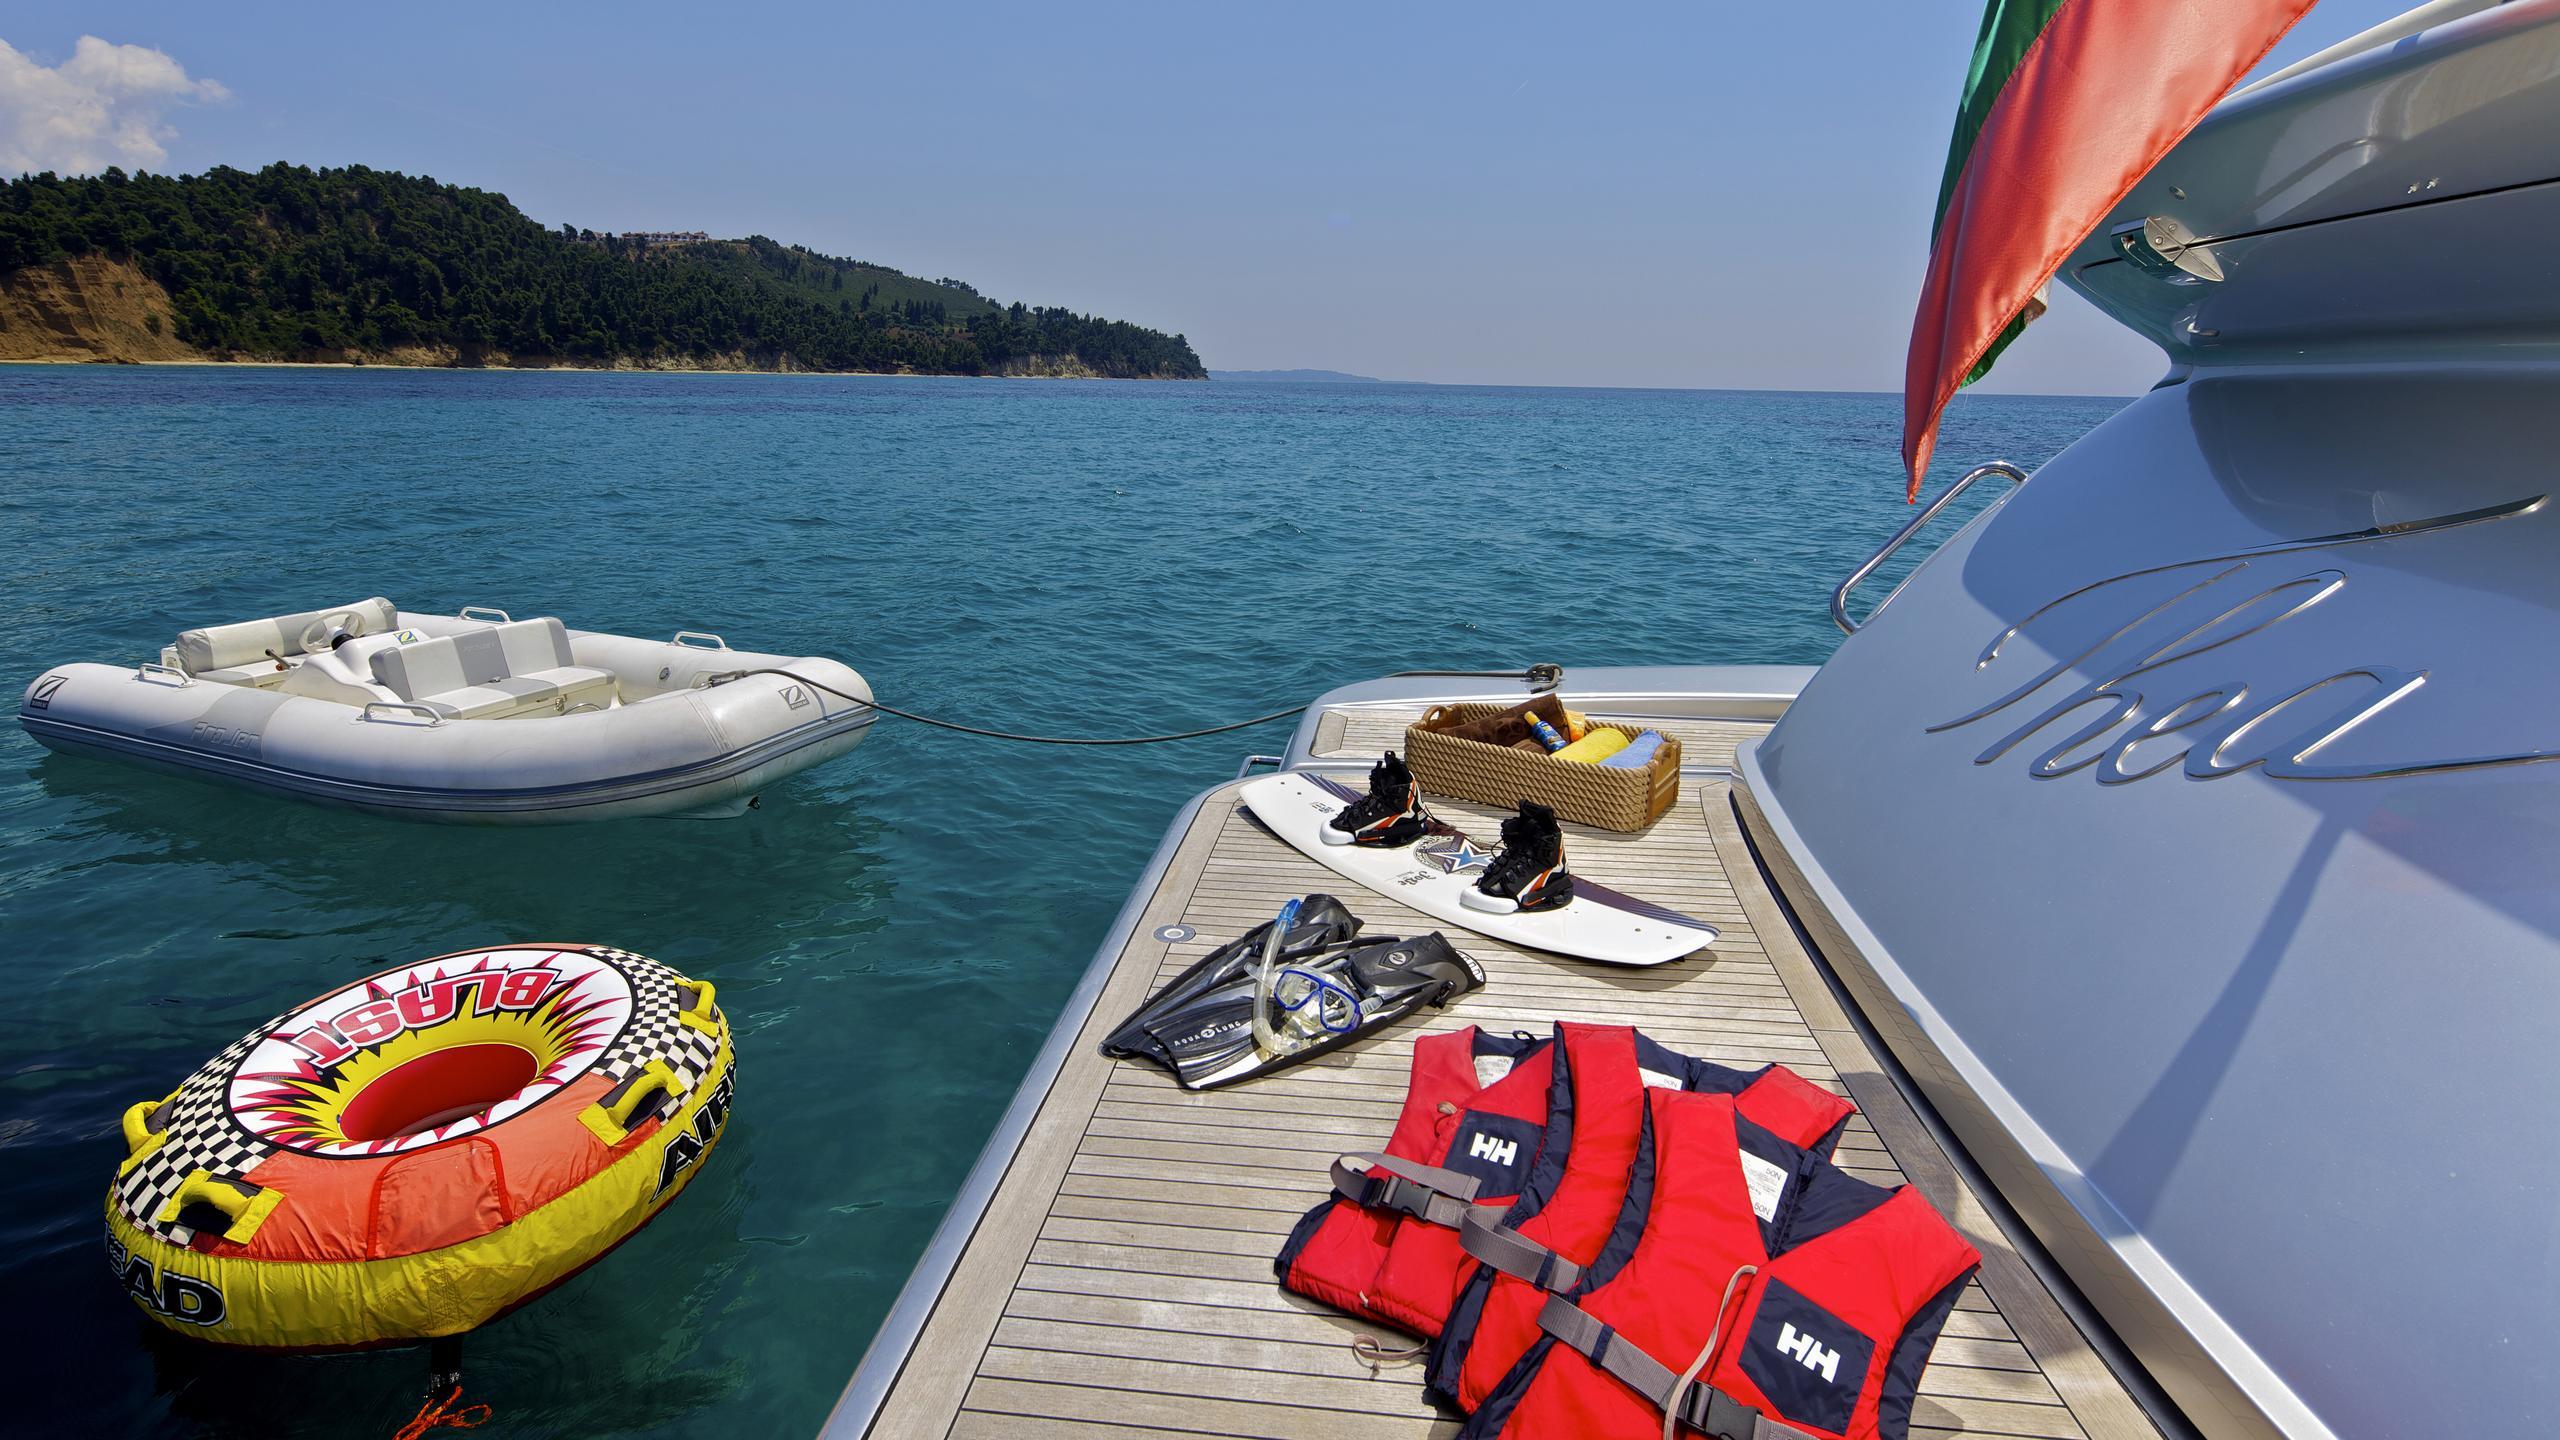 thea-malta-yacht-toys